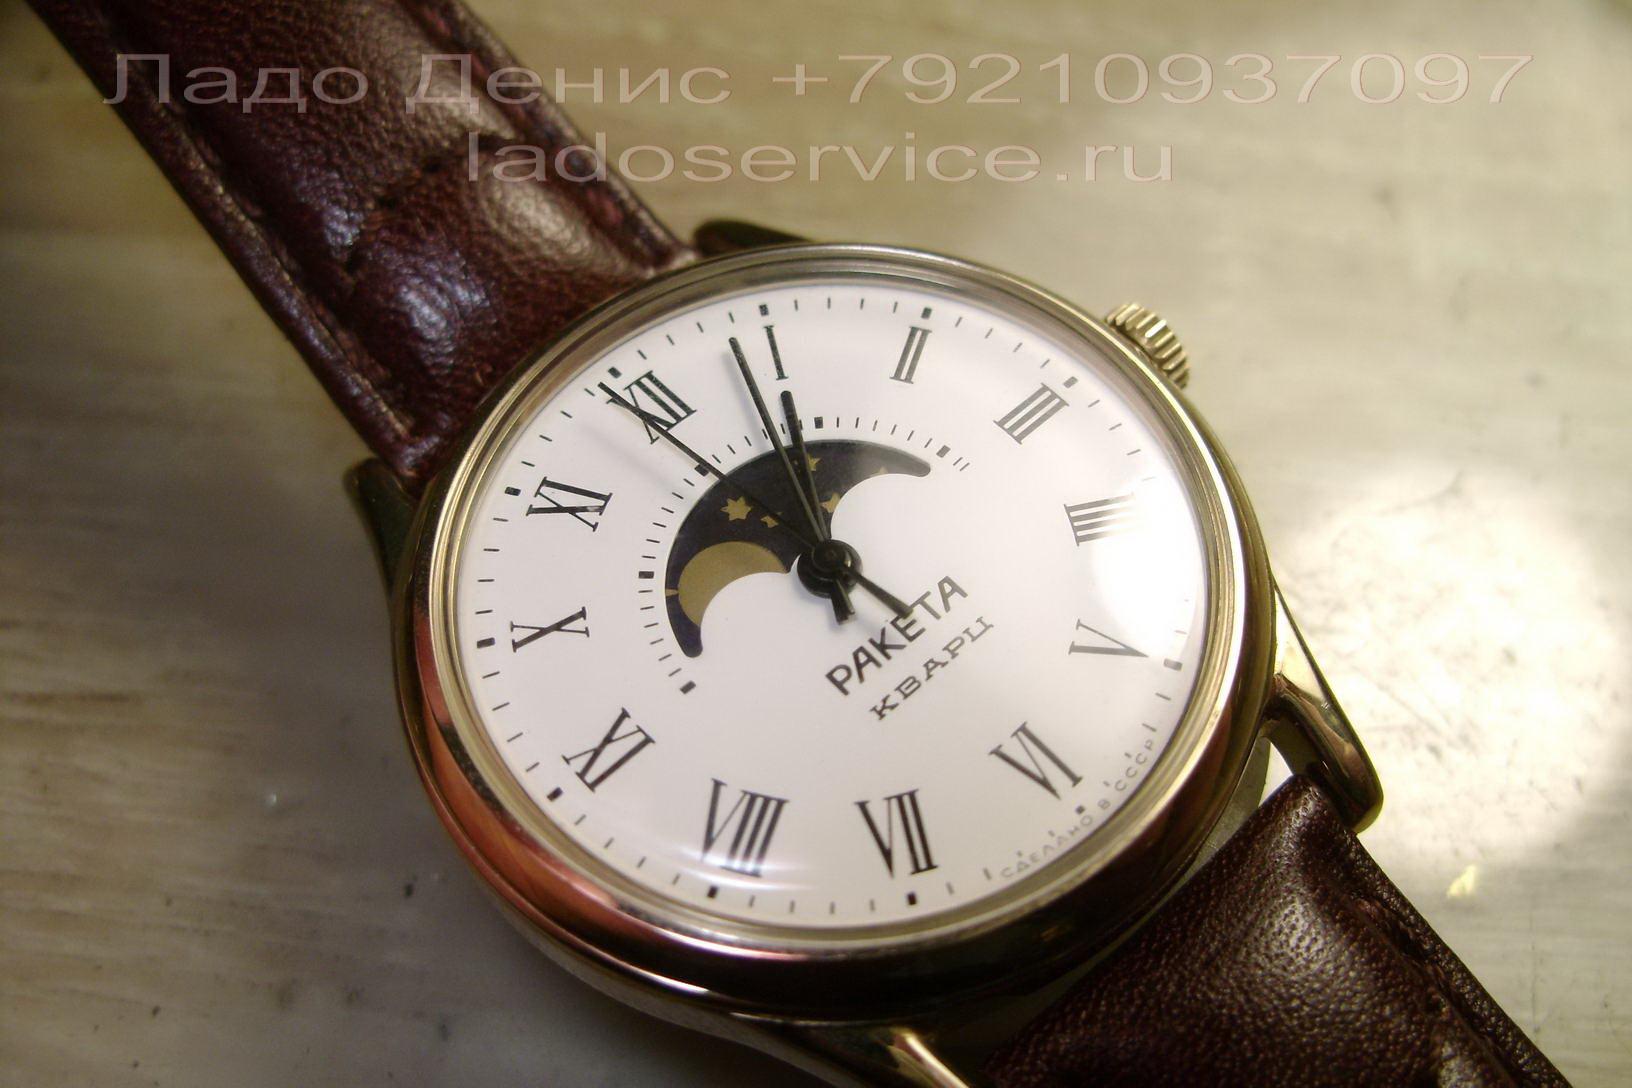 Наручные часы кварц ремонт часы кемерово купить